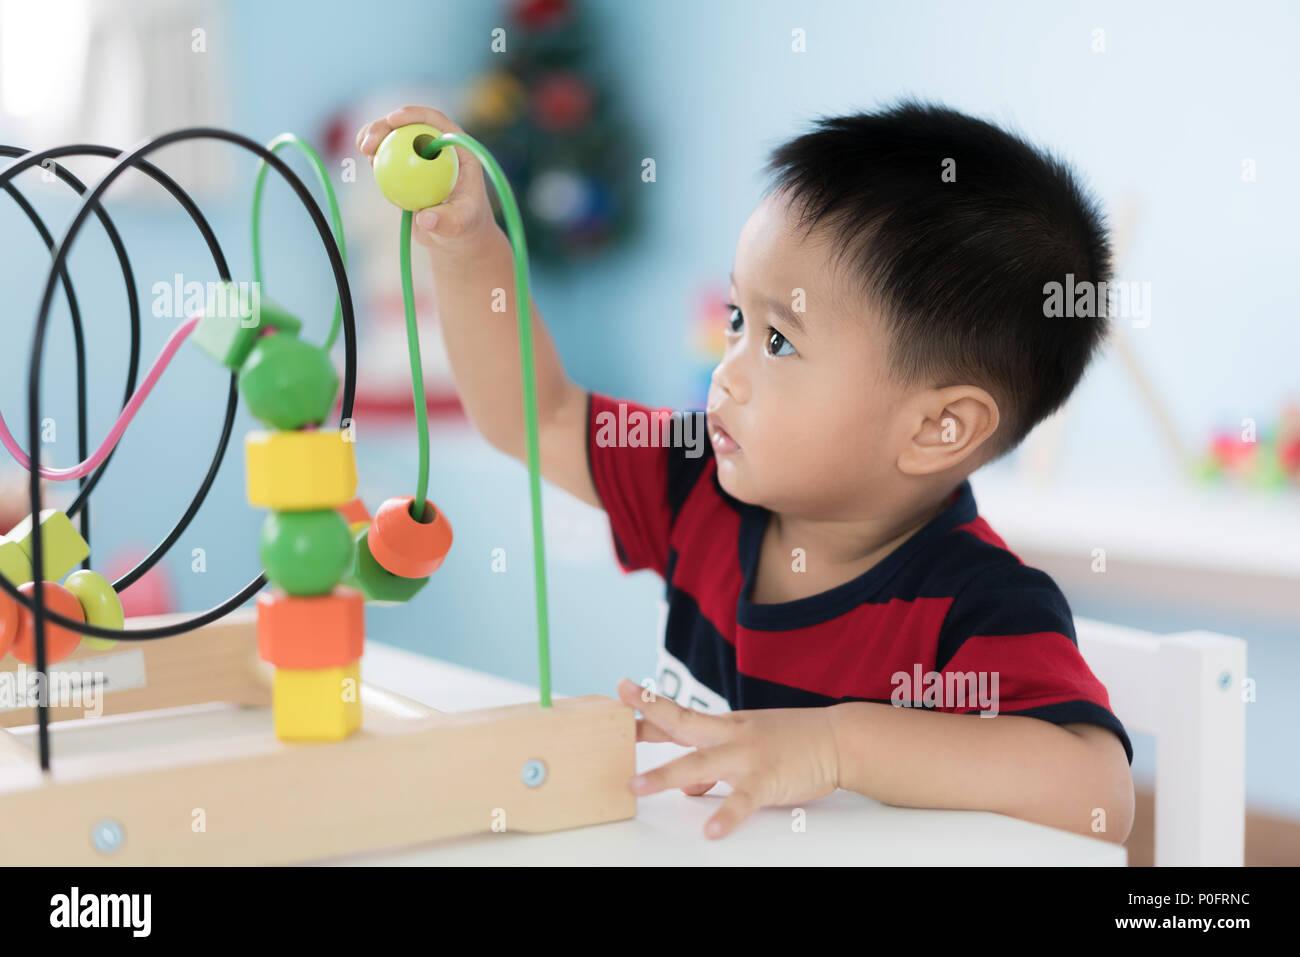 Tout-petits Asie adorable baby boy sitting on chair et en jouant avec des jouets de couleur à la maison. Photo Stock